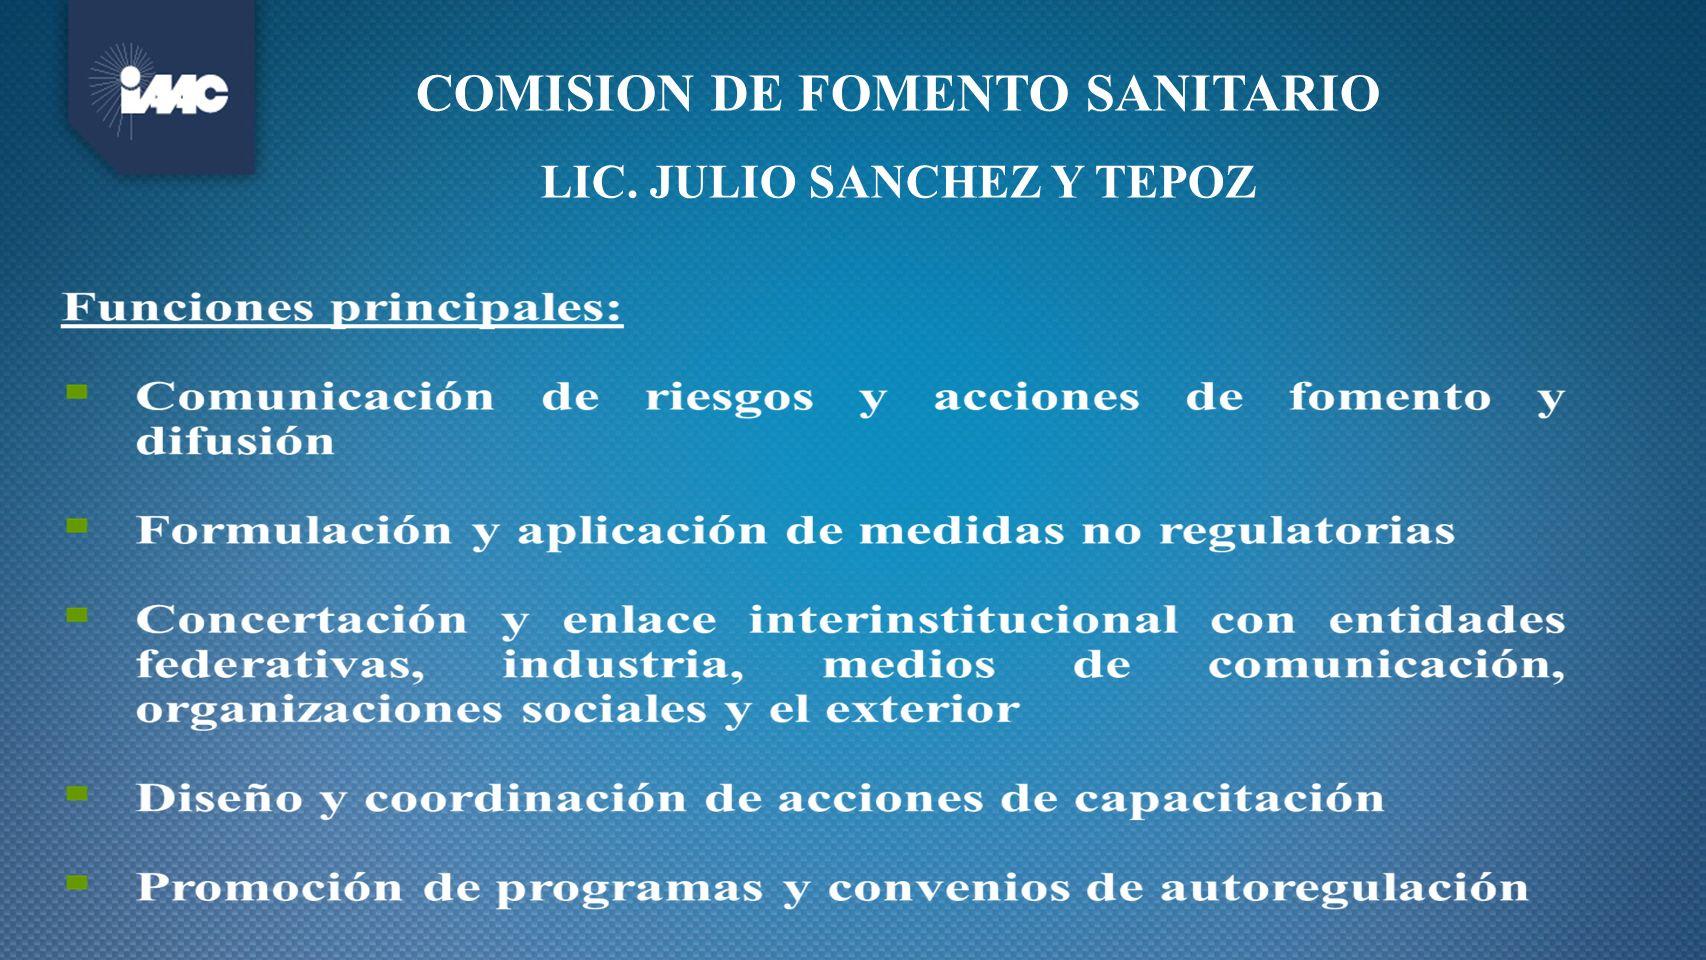 Subdirección Ejecutiva de ASUNTOS INTERNACIONALES Gerencia de TRATADOS Y ACUERDOS BILATERALES Gerencia de VINCULACIÓN CON ENTIDADES FEDERATIVAS Gerencia de ORGANISMOS INTERNACIONALES Gerencia de VINCULACIÓN CON SECTORES PÚBLICO, PRIVADO Y SOCIAL Secretario Particular Gerencia de ESTRATEGIAS DE DIFUSIÓN Gerencia de EVALUACIÓN Y ENLACE CON MEDIOS Gerencia de DISEÑO DE CONTENIDOS Gerencia de FORMACIÓN DE INSTRUCTORES Y LOGÍSTICA DE CAPACITACIÓN Subdirección Ejecutiva de VINCULACIÓN NACIONAL Subdirección Ejecutiva de COMUNICACIÓN DE RIESGOS Dirección Ejecutiva de VINCULACIÓN Y CONCERTACIÓN Dirección Ejecutiva de COMUNICACIÓN DE RIESGOS Y CAPACITACIÓN COMISION DE FOMENTO SANITARIO LIC.